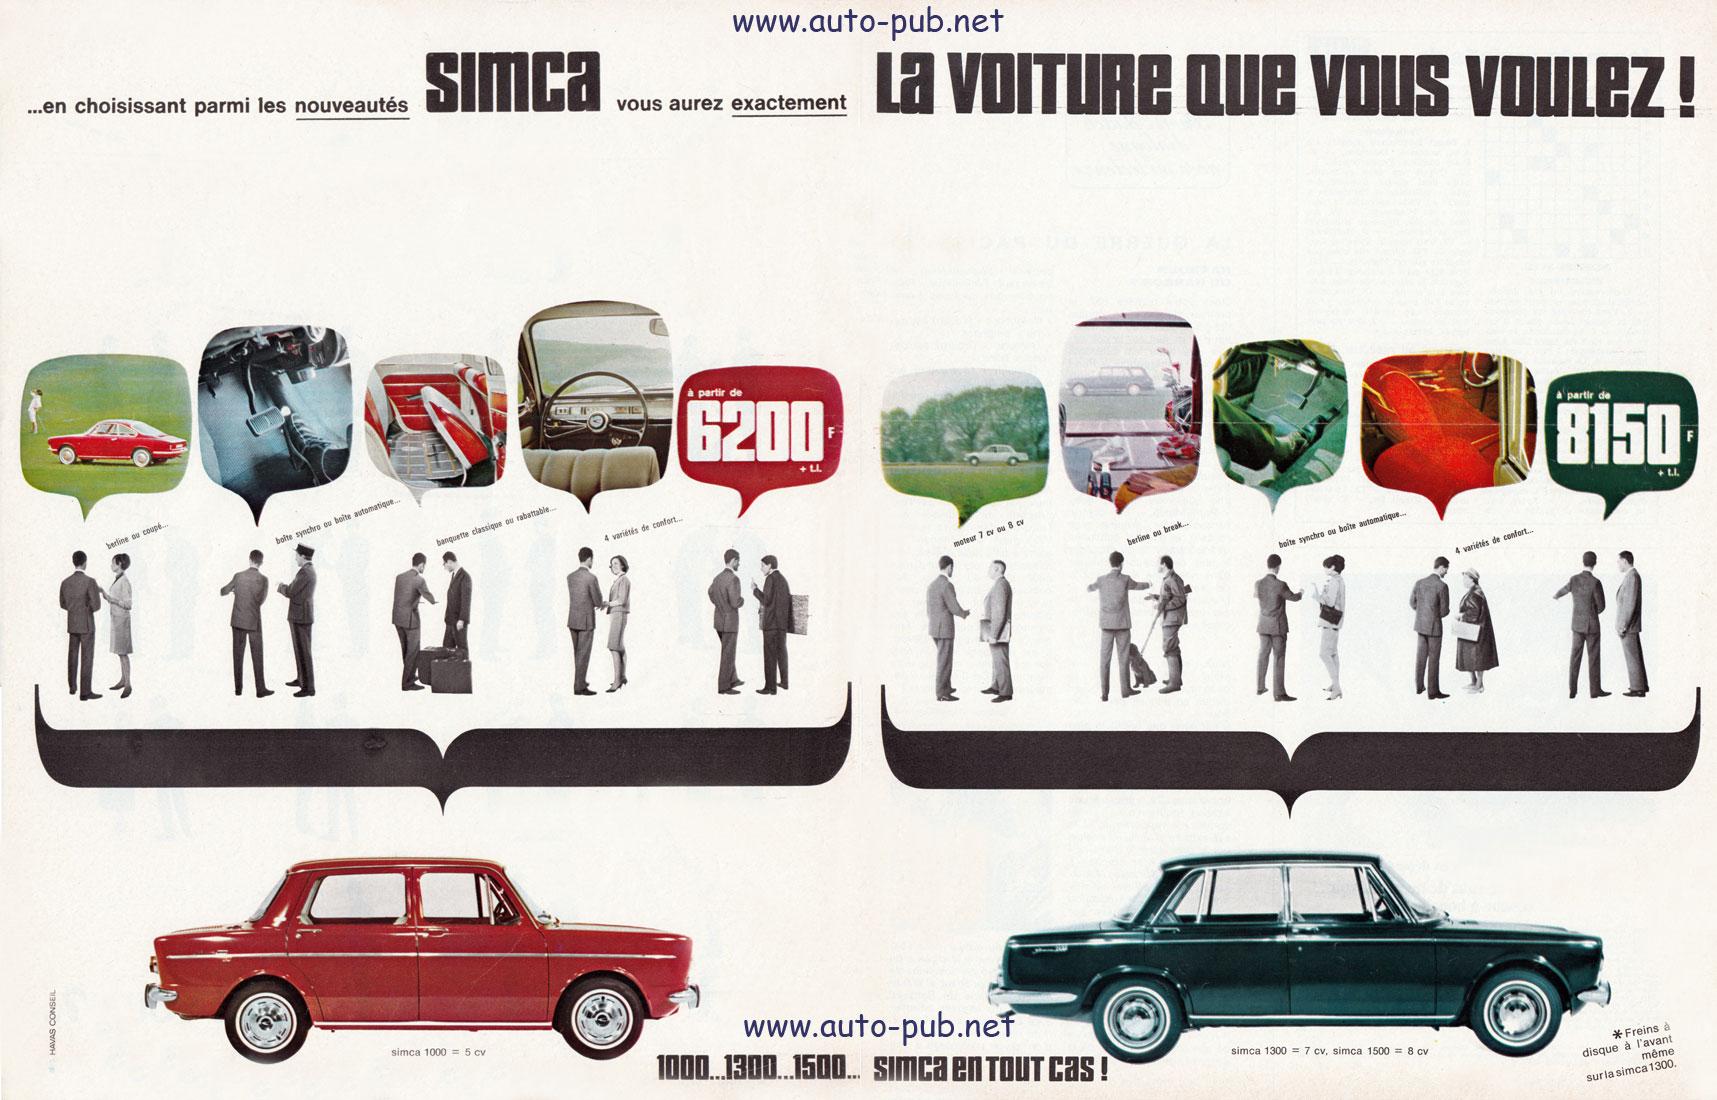 Simca-1000-1300-que-vous-voulez-2